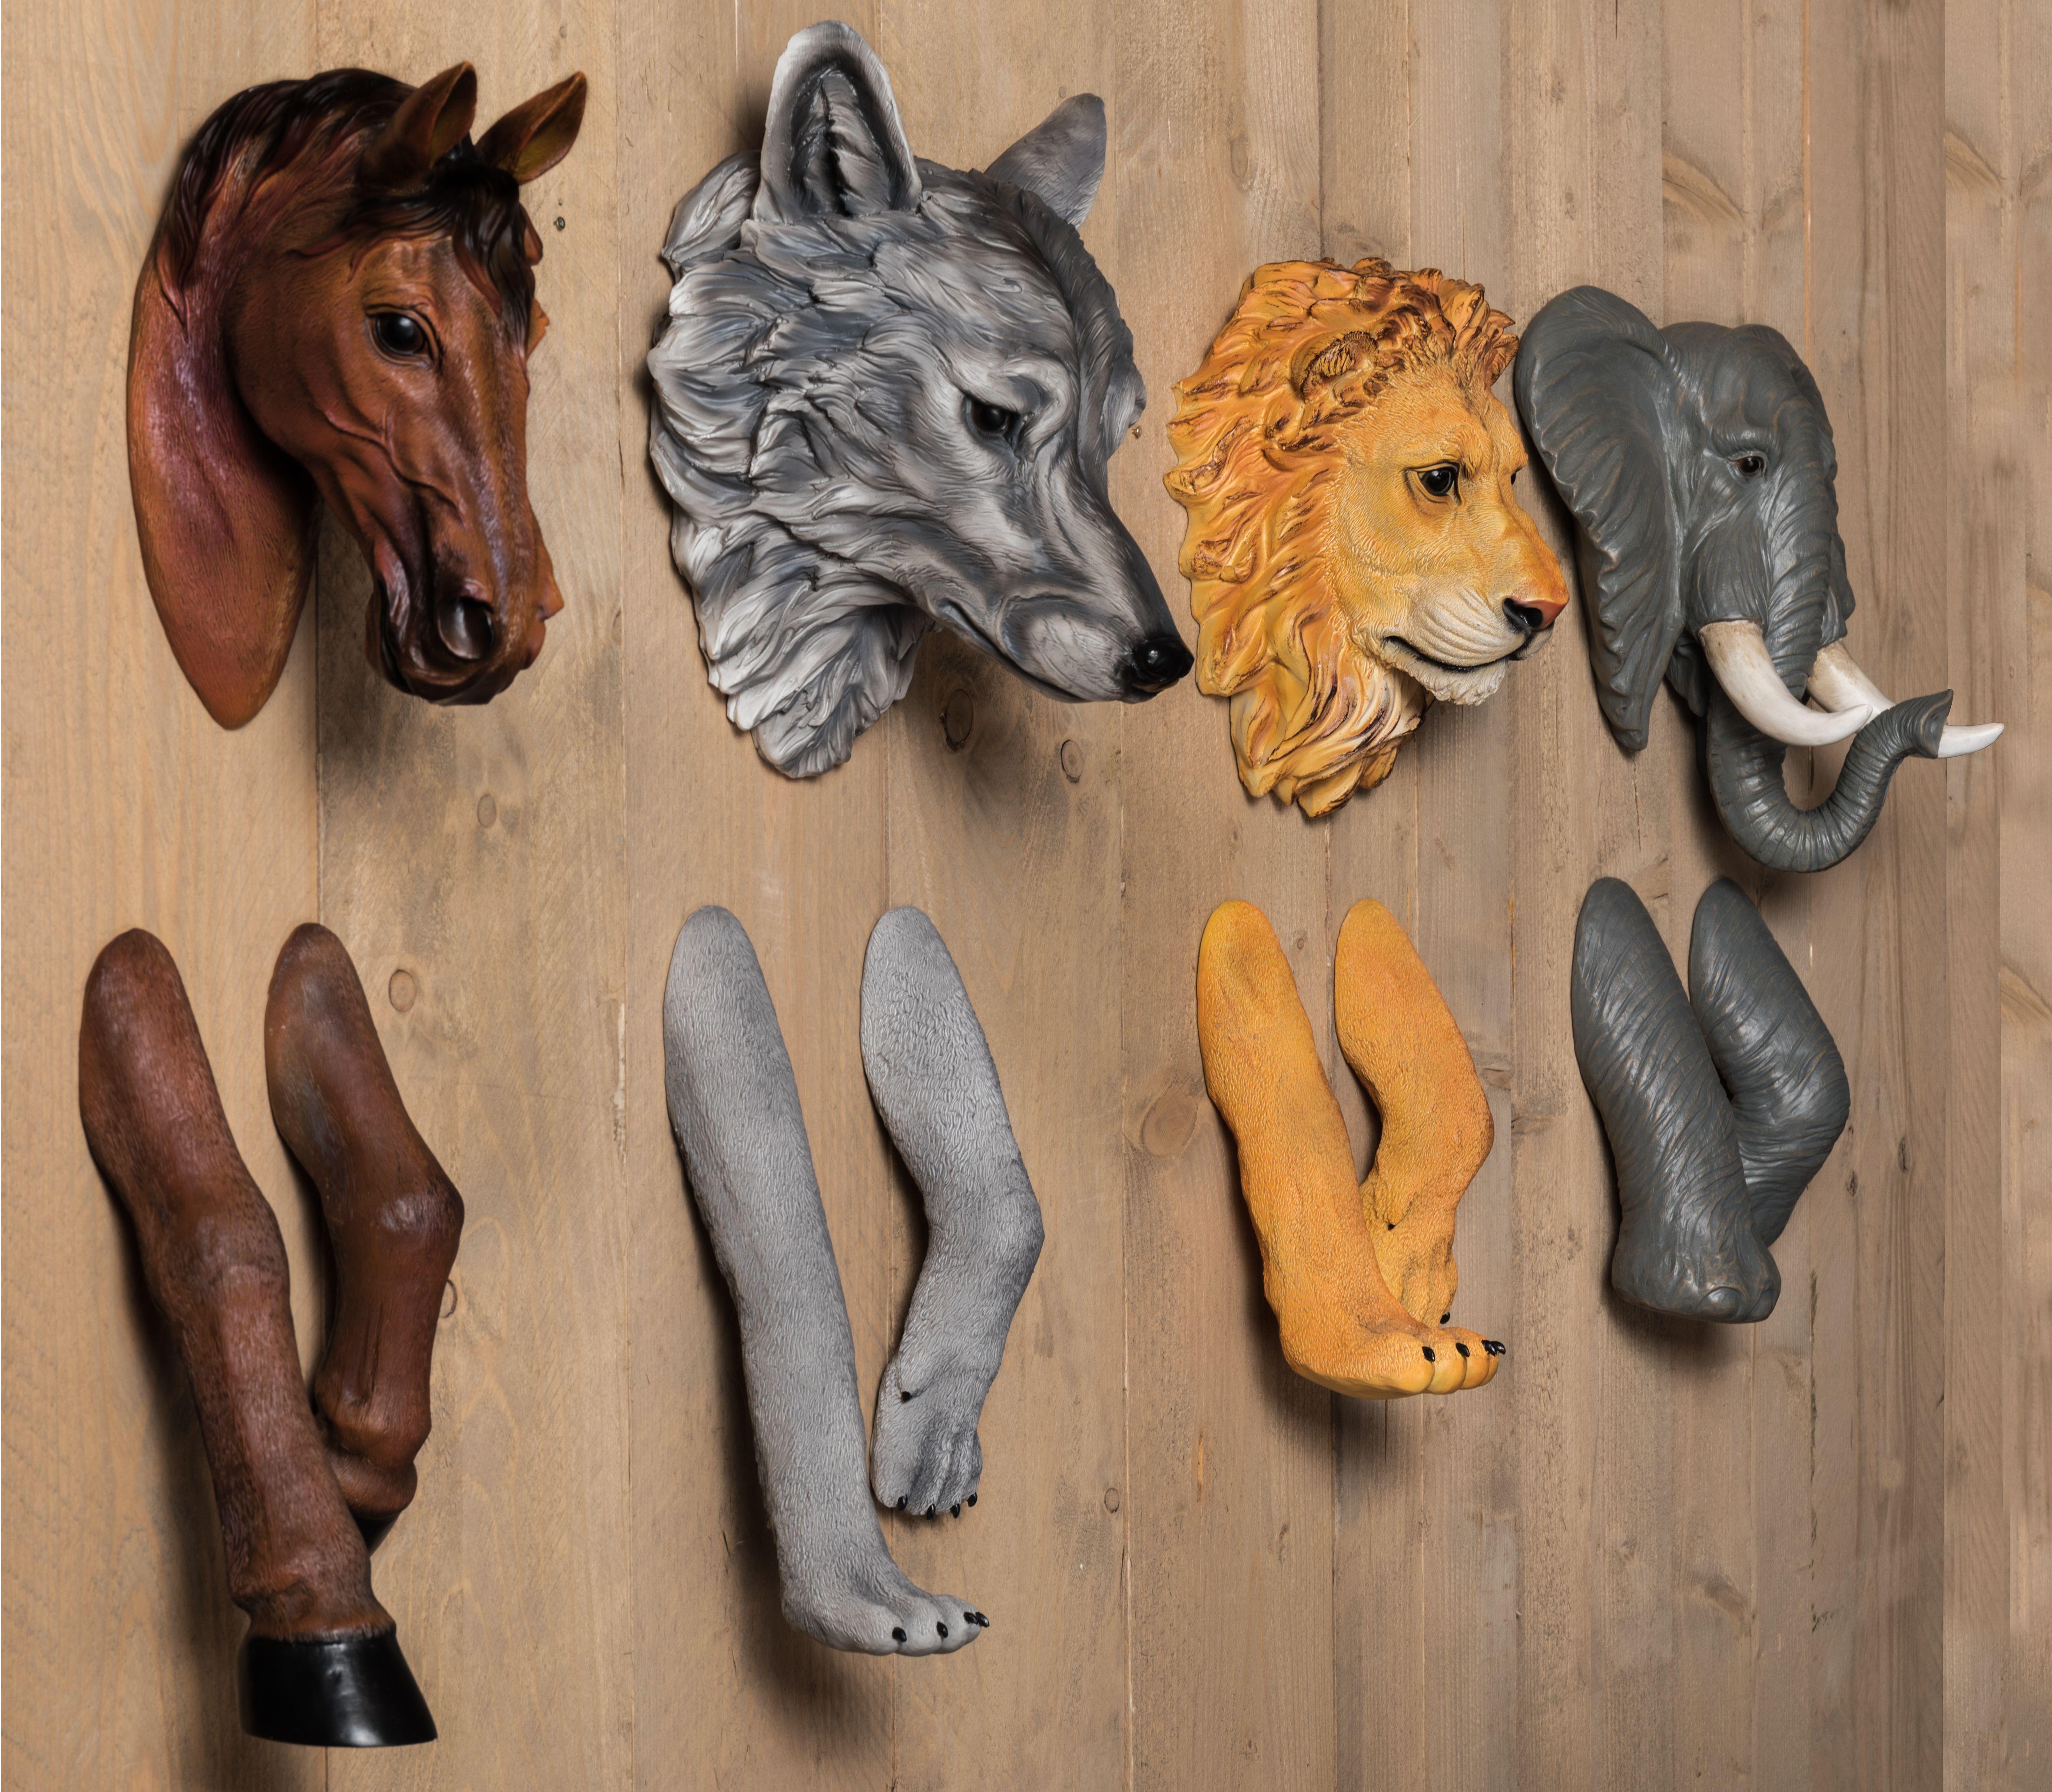 dierenkoppen 3d wanddecoratie kinderkamer cadeau voor